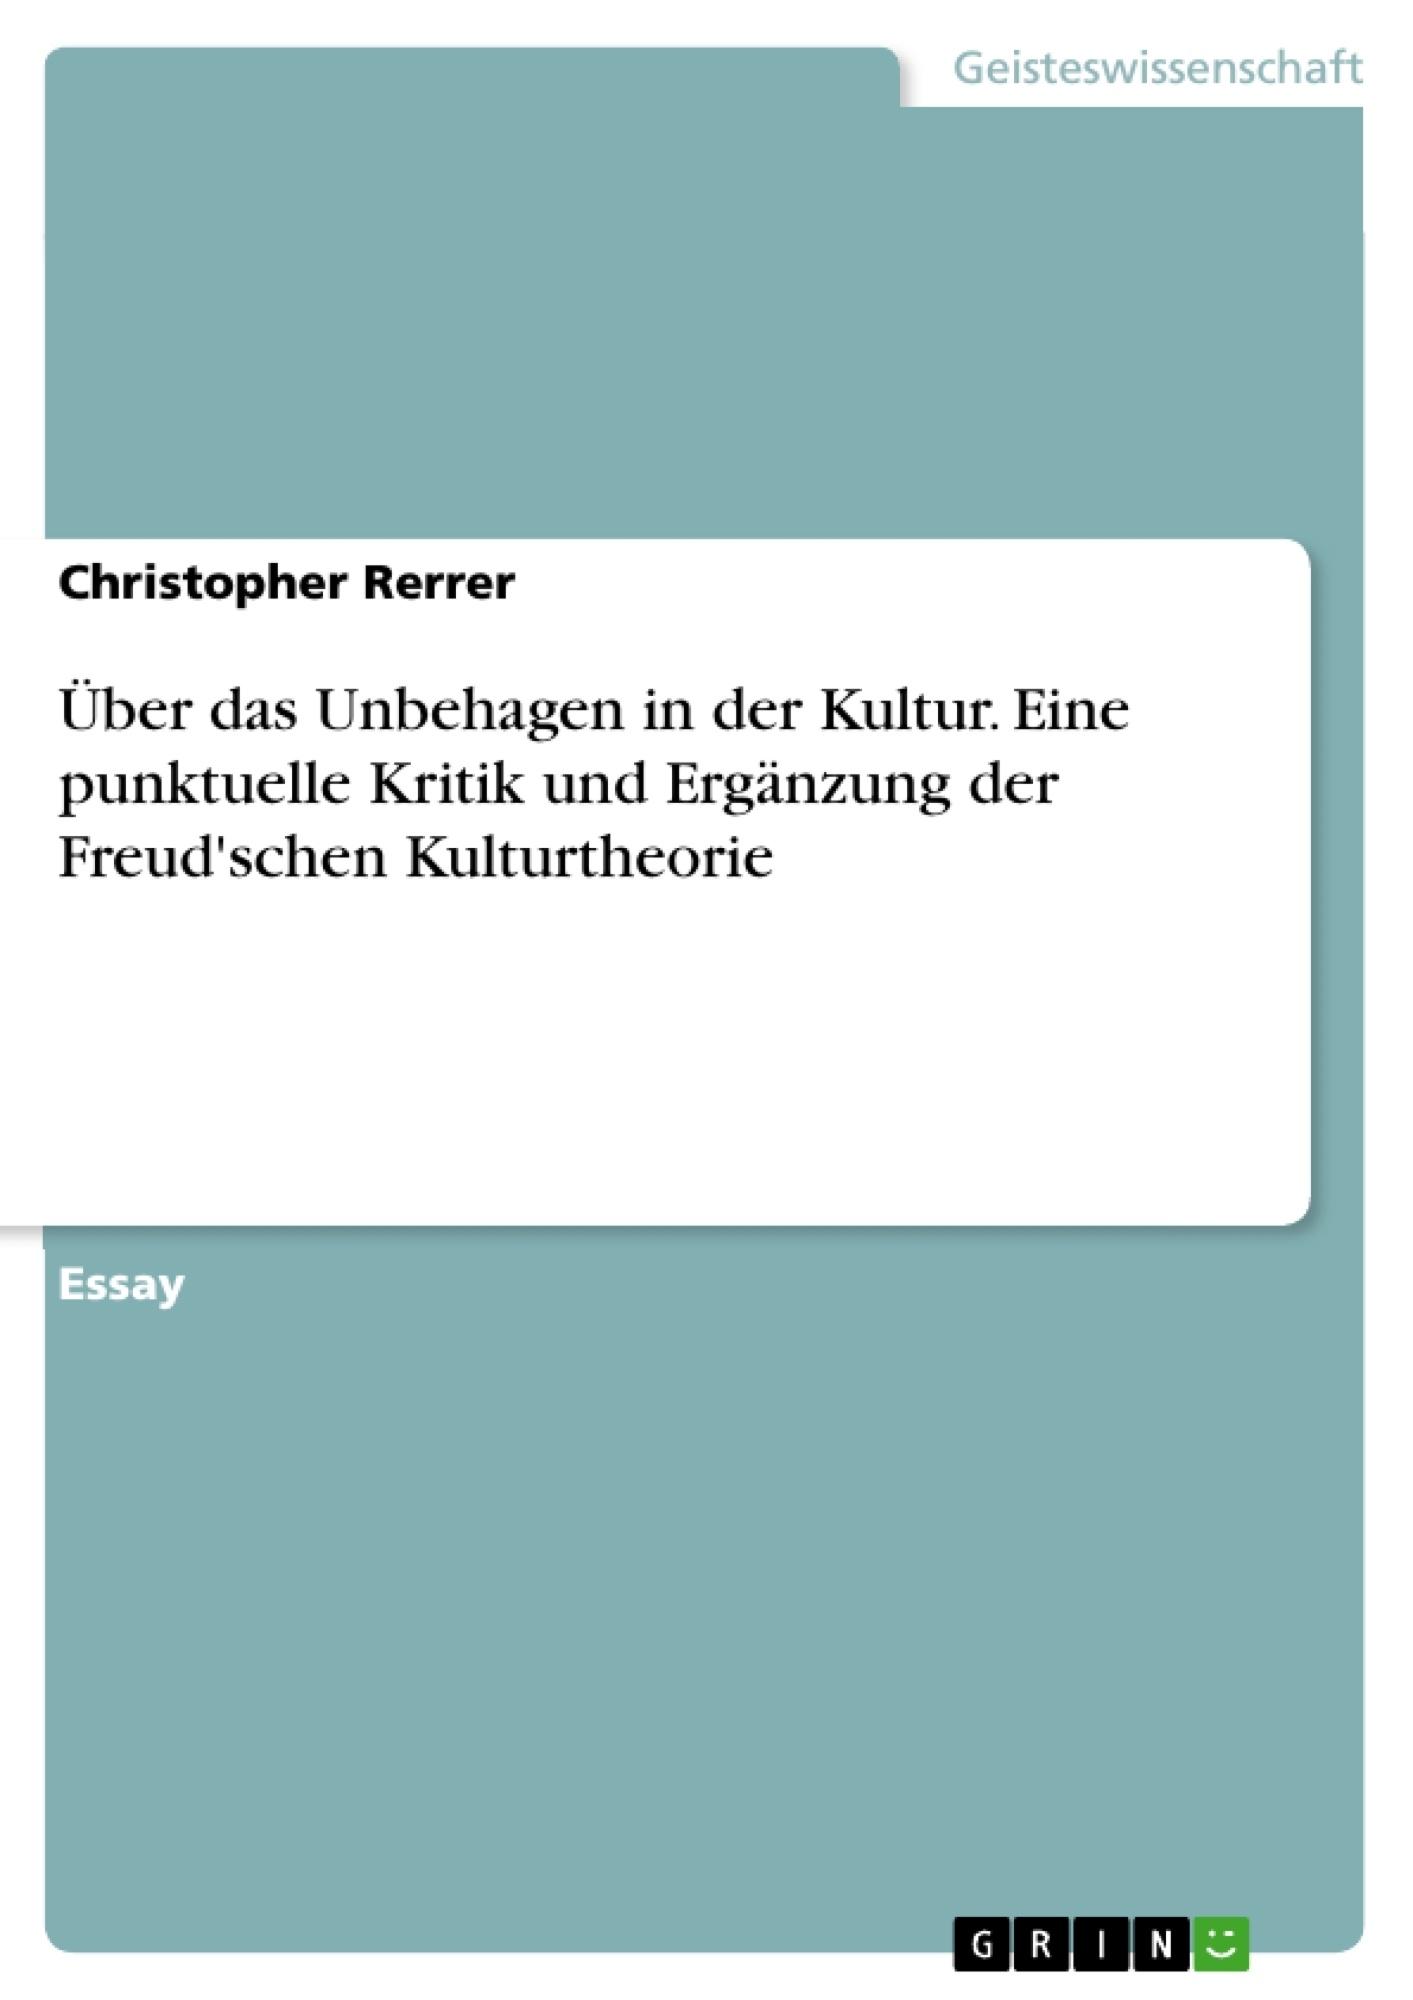 Titel: Über das Unbehagen in der Kultur. Eine punktuelle Kritik und Ergänzung der Freud'schen Kulturtheorie